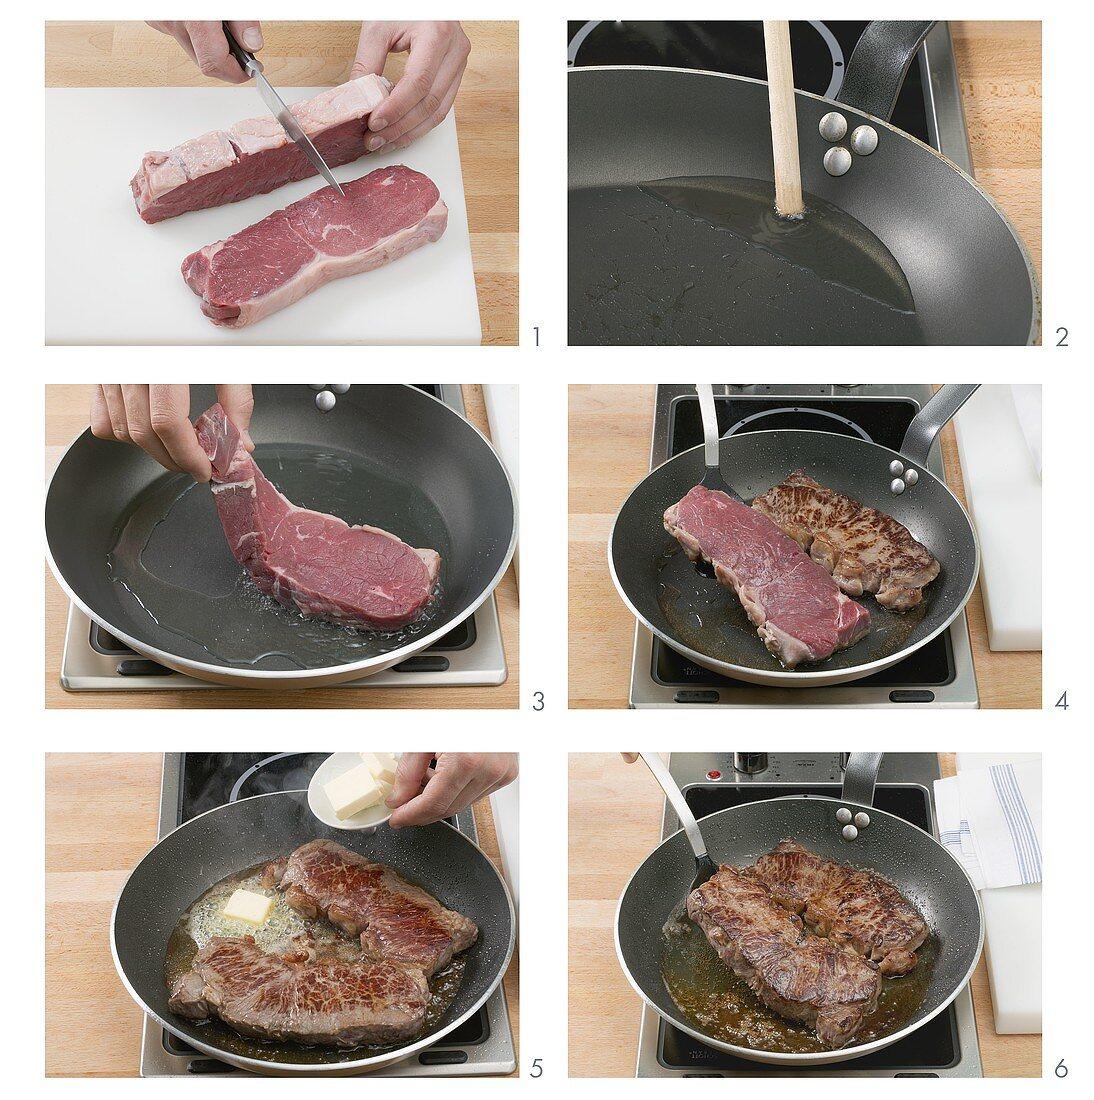 Frying beef steaks